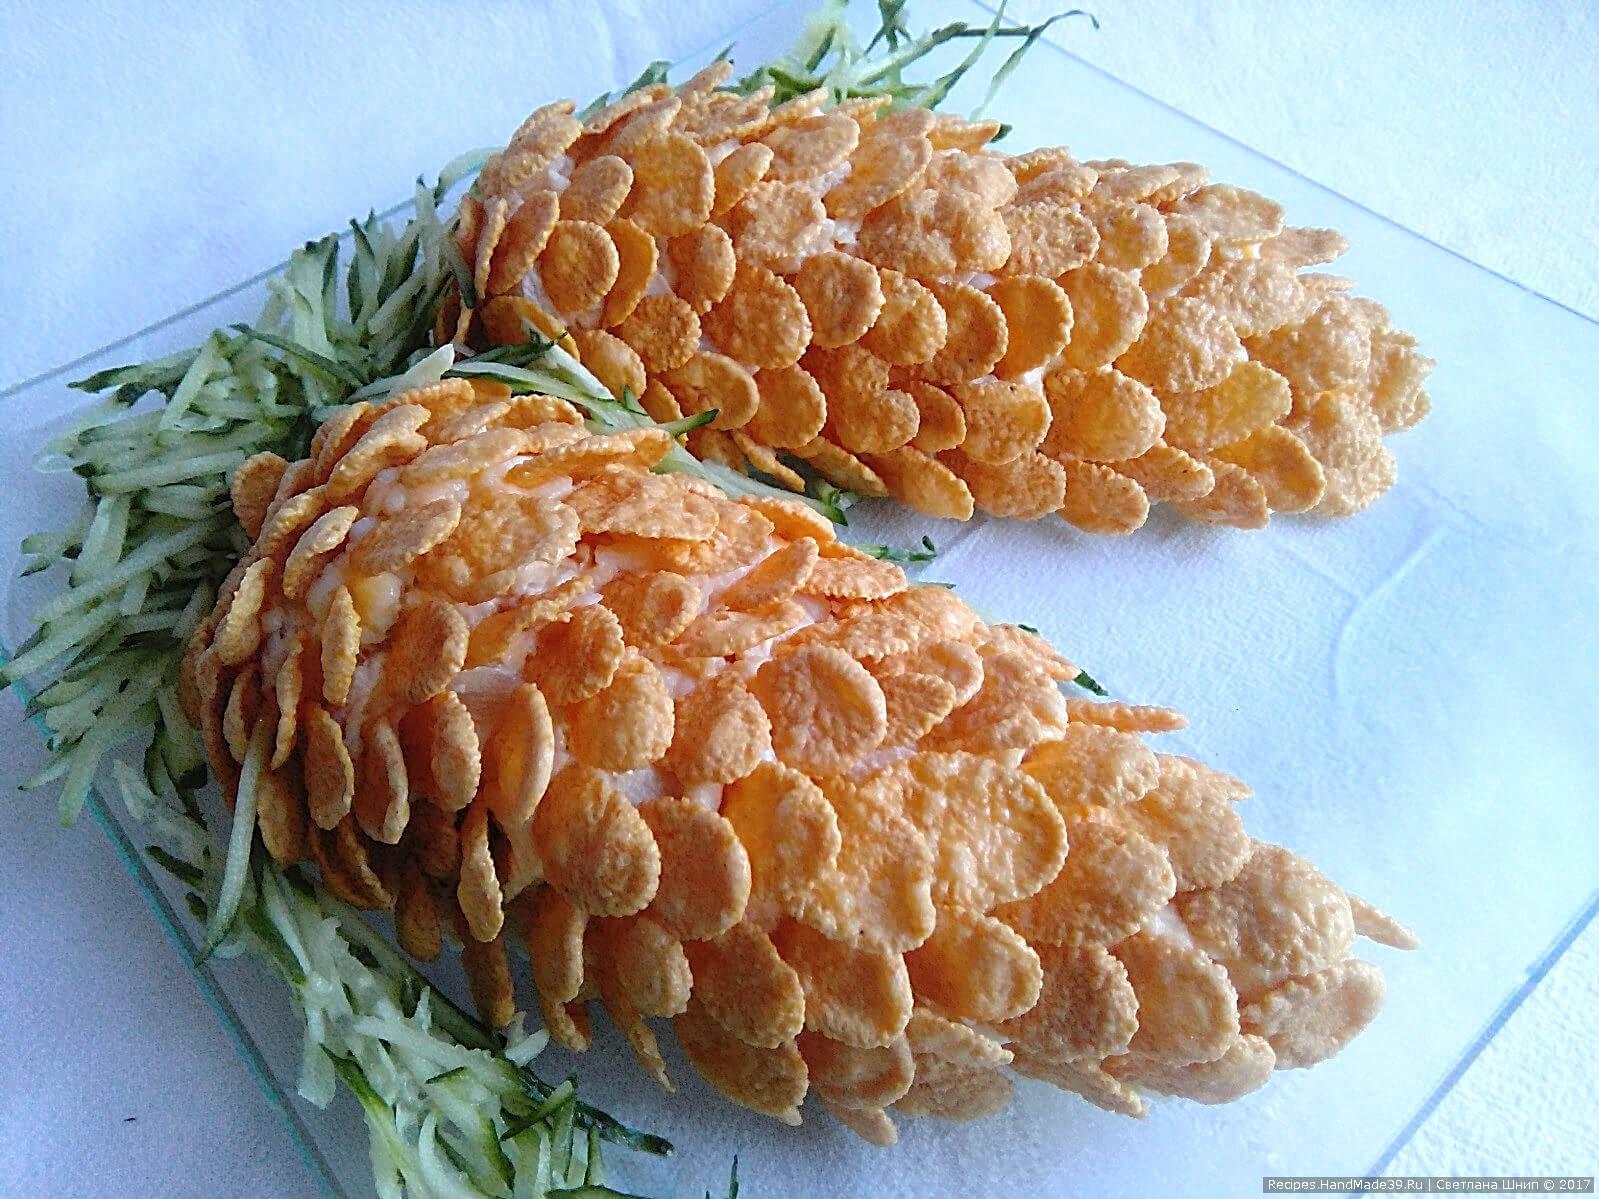 Салат новогодний «Шишки». Рецепт французского салата «Шишки» с консервированными ананасами и отварной курицей